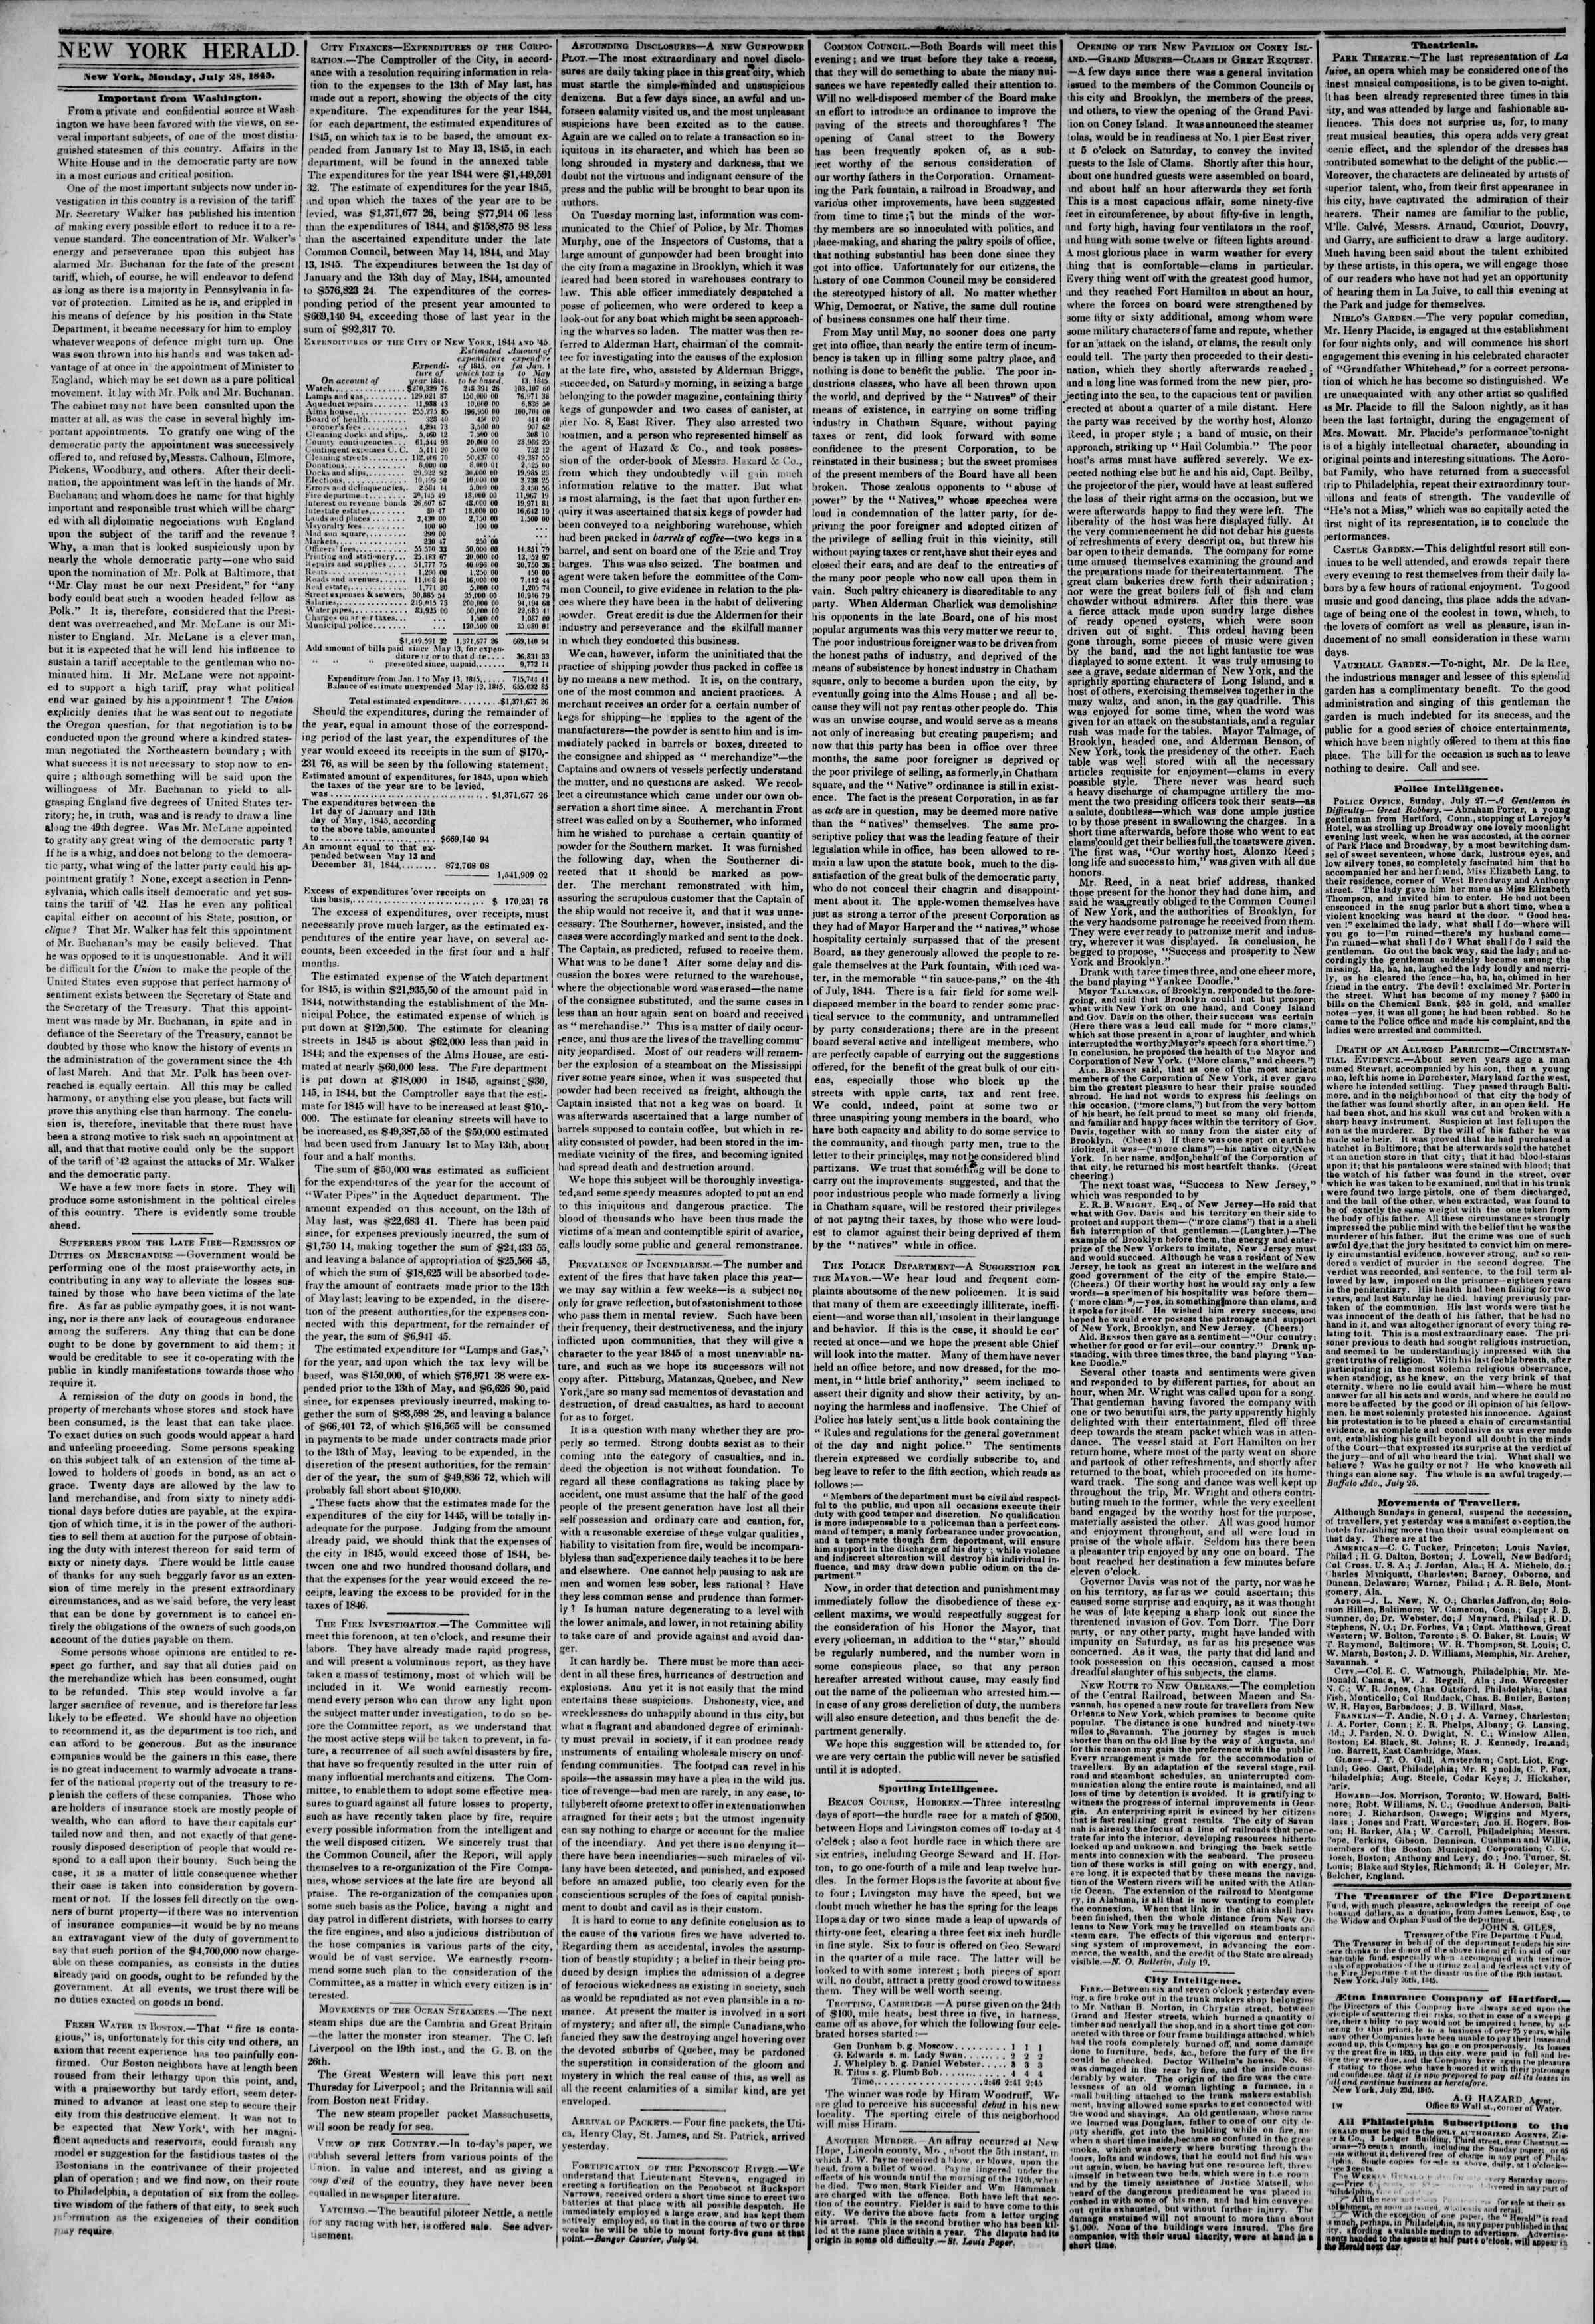 28 Temmuz 1845 Tarihli The New York Herald Gazetesi Sayfa 2